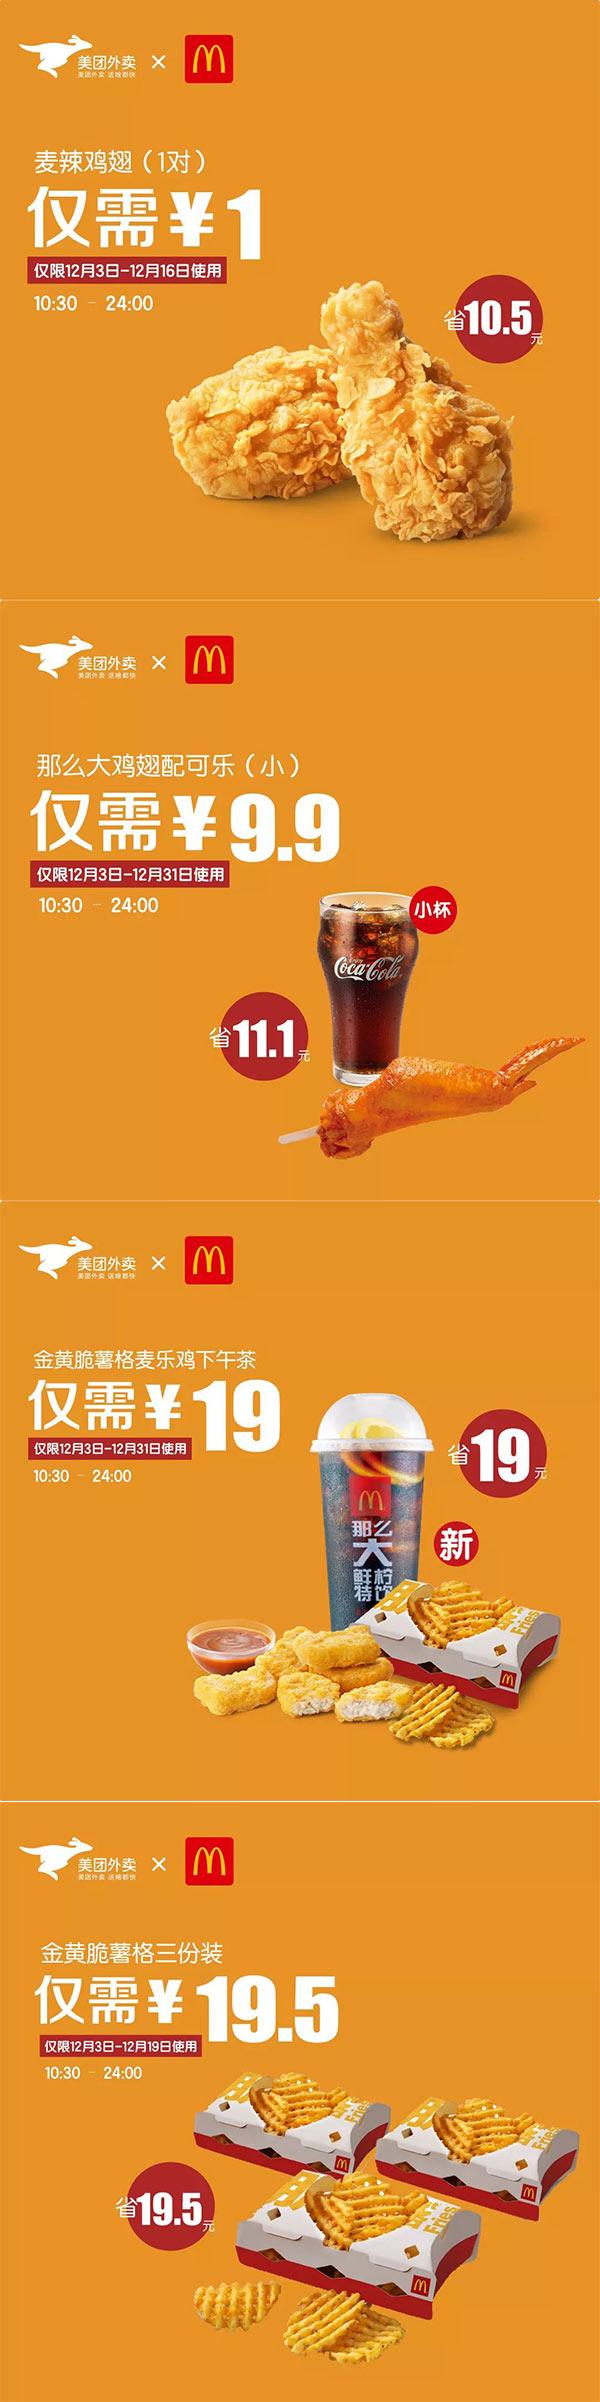 麦当劳美团外卖1元麦辣鸡翅、9.9元那么大鸡翅配可乐 有效期至:2018年12月31日 www.5ikfc.com